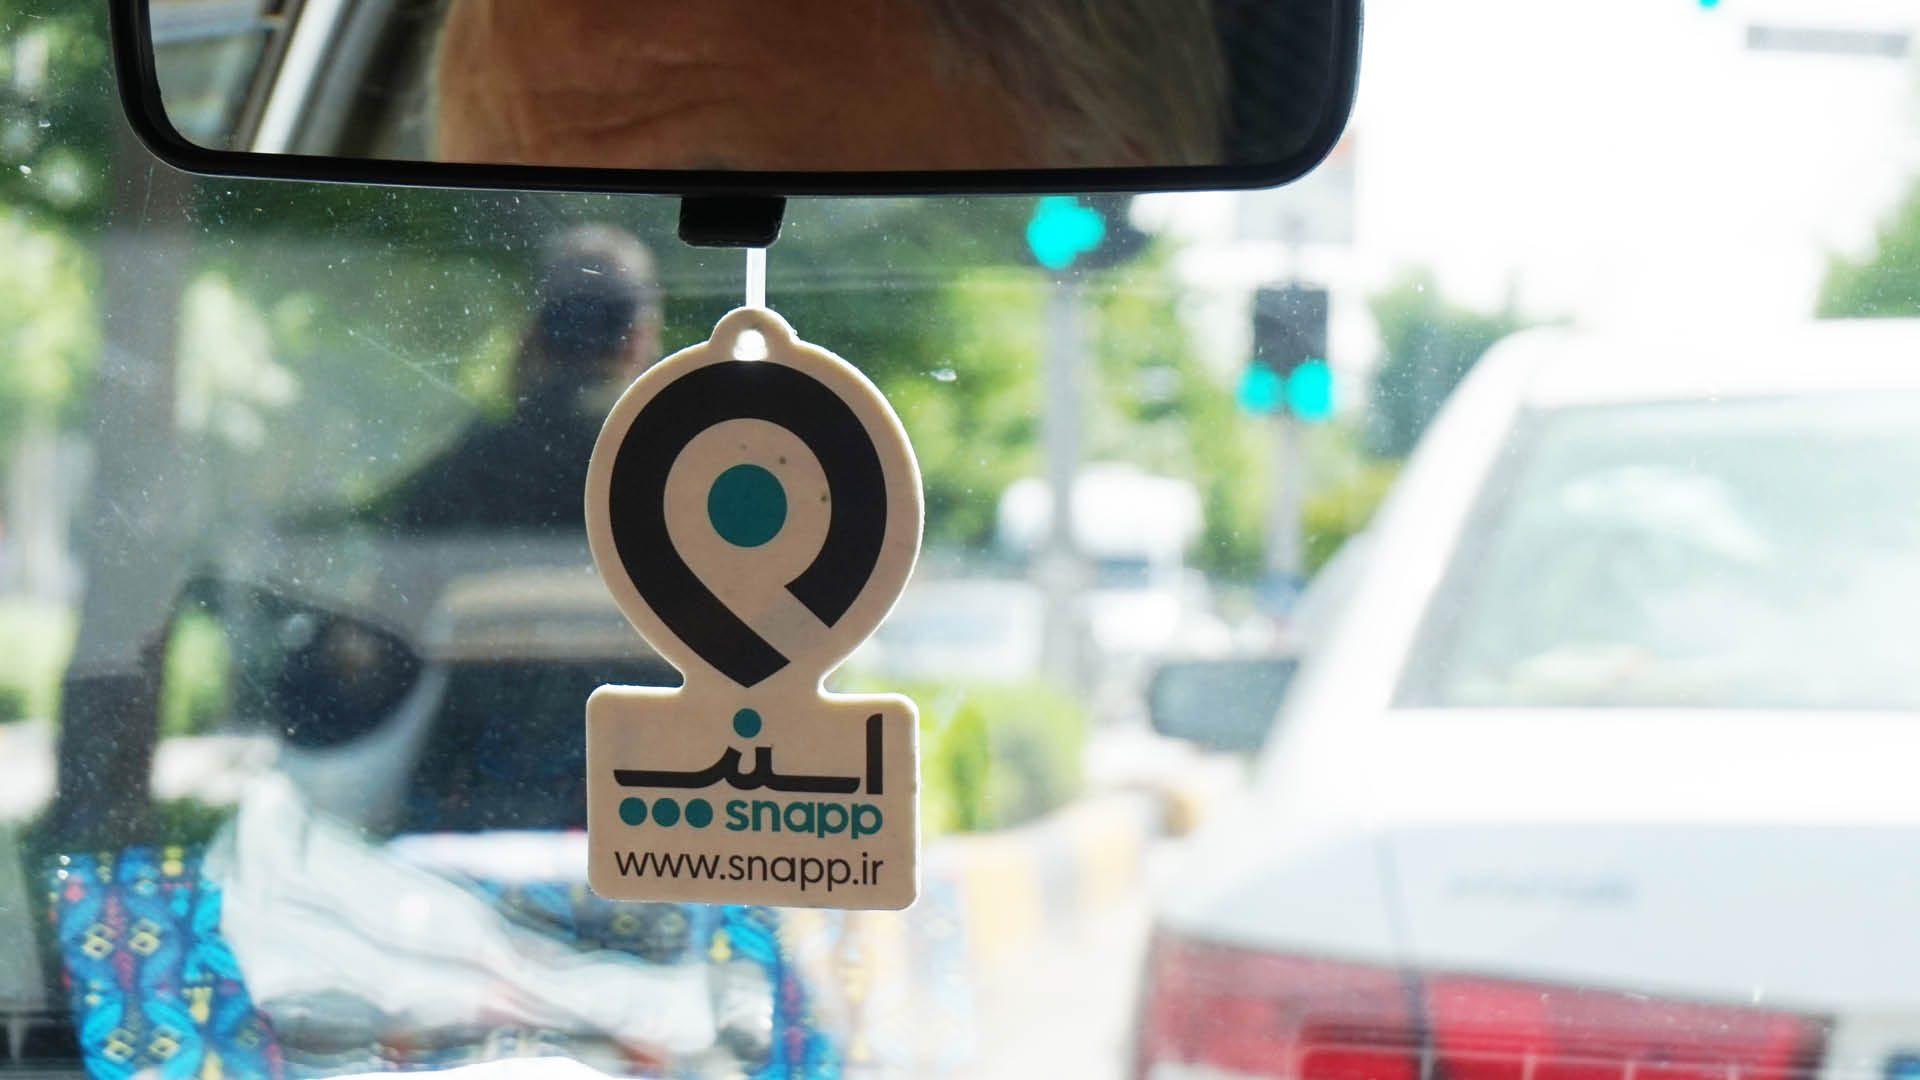 snapp iran uber app